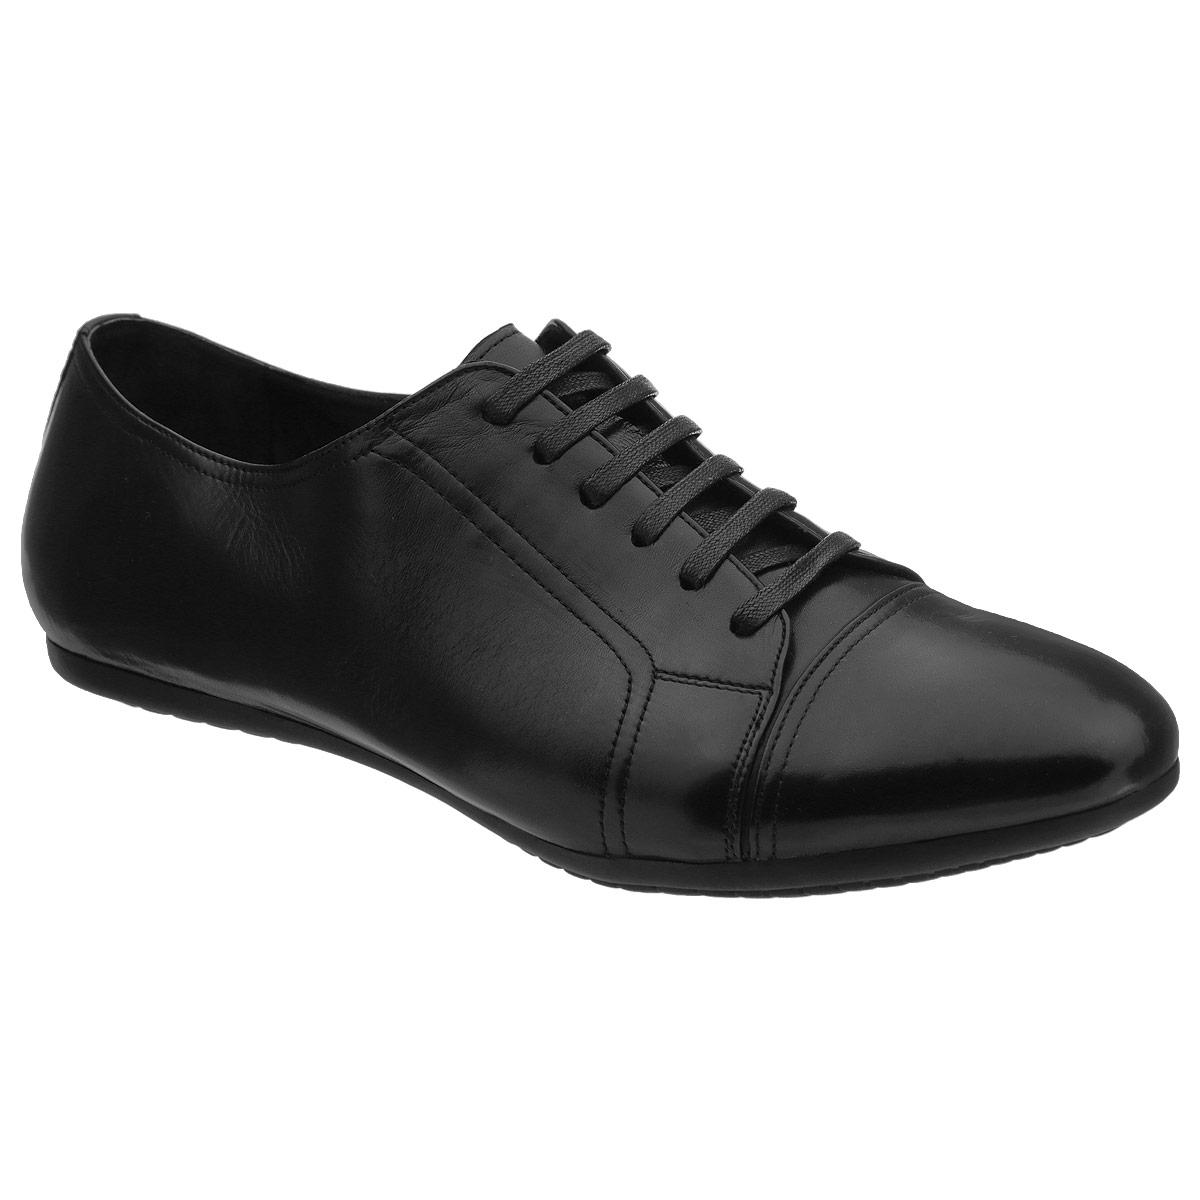 Полуботинки мужские. 104-164-29104-164-29Стильные мужские полуботинки от Dino Ricci не оставят вас равнодушным! Модель выполнена из натуральной высококачественной кожи и оформлена задним наружным ремнем и декоративной прострочкой. Шнуровка позволяет прочно зафиксировать обувь на ноге. Стелька из натуральной кожи оснащена перфорацией, позволяющей вашим ногам дышать. Прочная резиновая подошва дополнена противоскользящим рифлением. Модные полуботинки прекрасно впишутся в ваш гардероб.